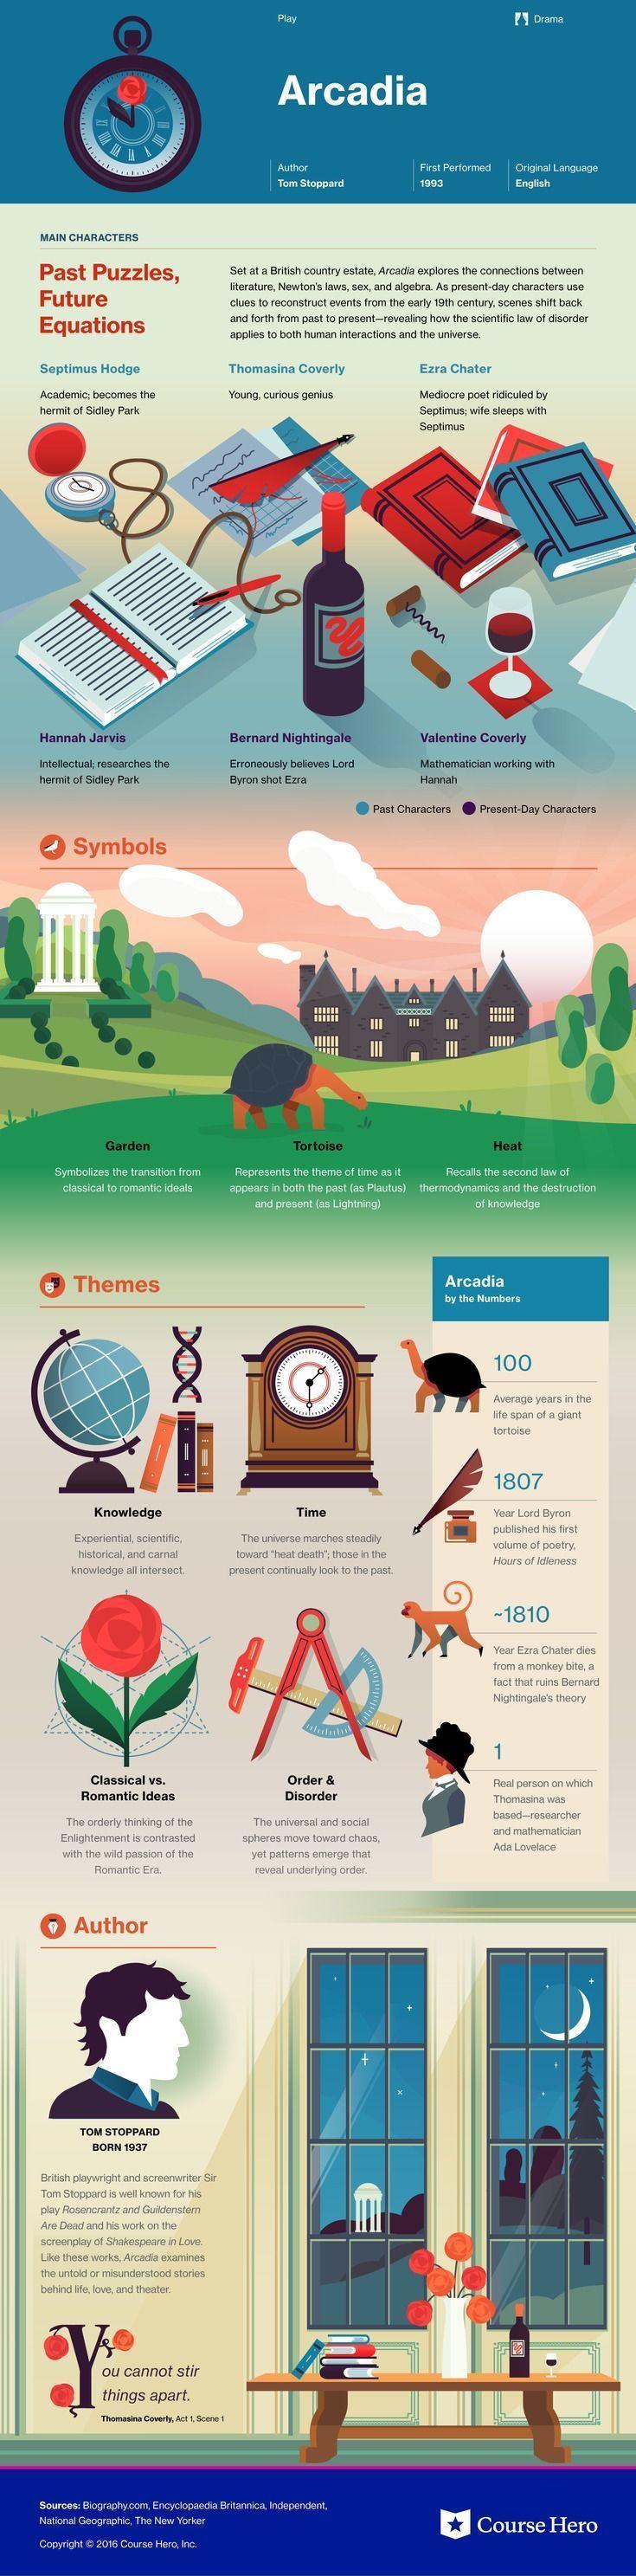 Arcadia Infographic   Course Hero